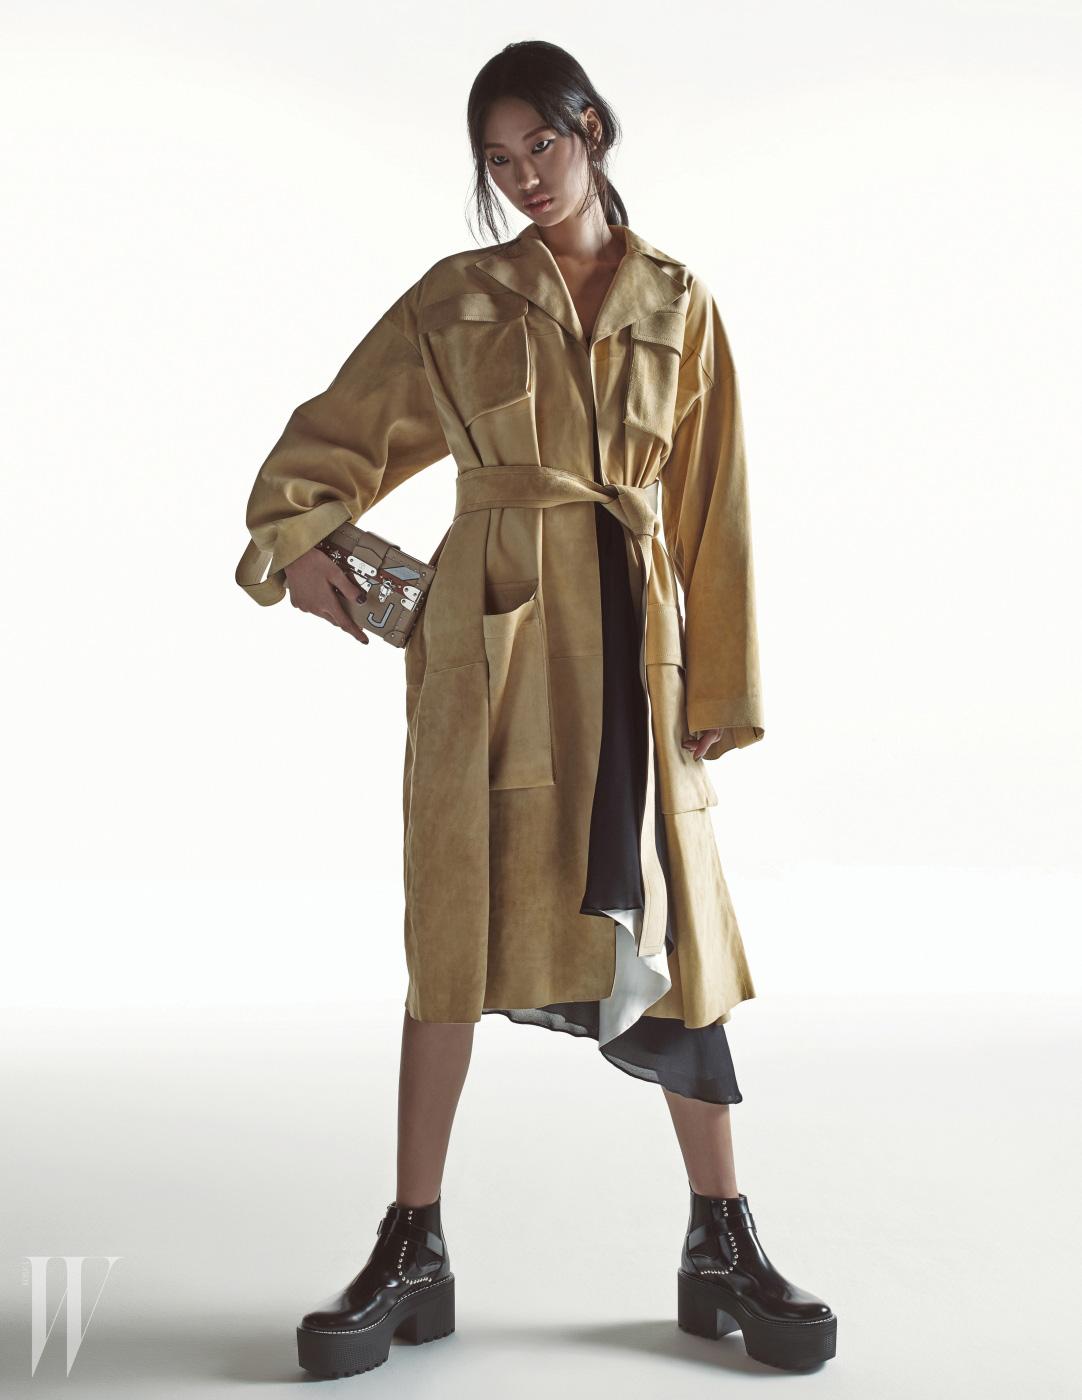 밝은 베이지색 스웨이드 코트는 셀린 제품. 가격 미정. 안에 입은 드레스와 플랫폼 슈즈, 쁘띠뜨말은 루이 비통 제품. 가격 미정.